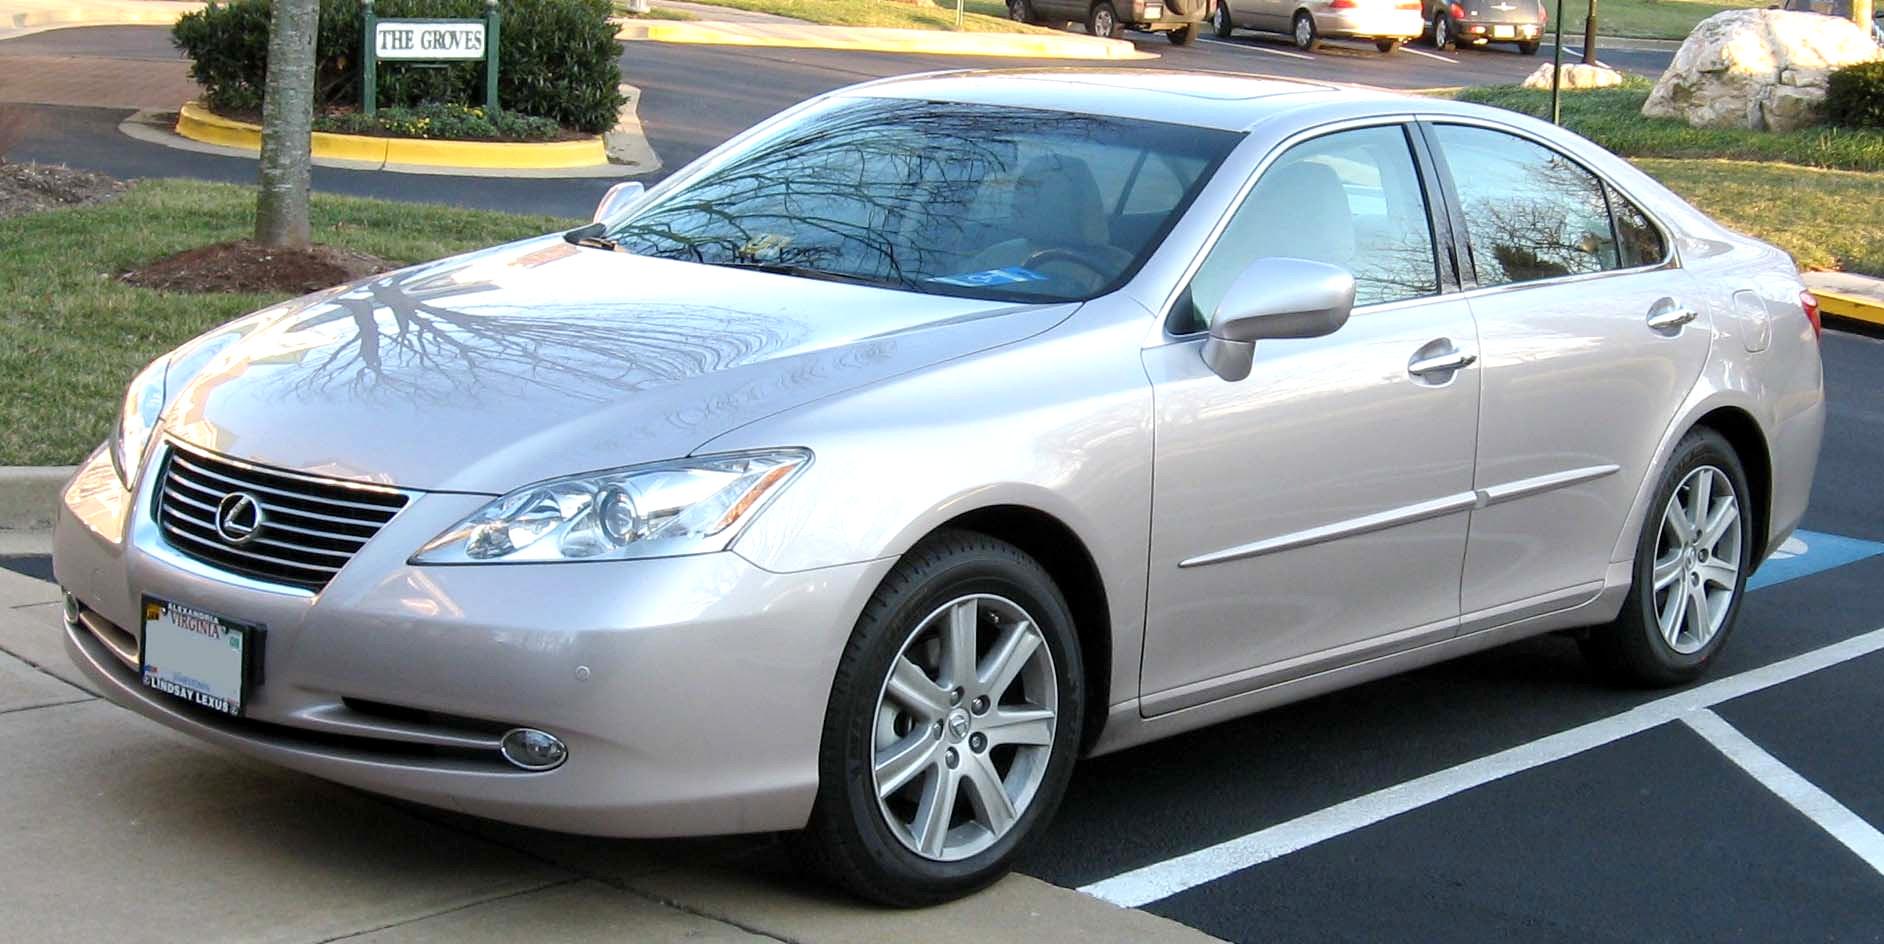 File:2007 Lexus ES350 2